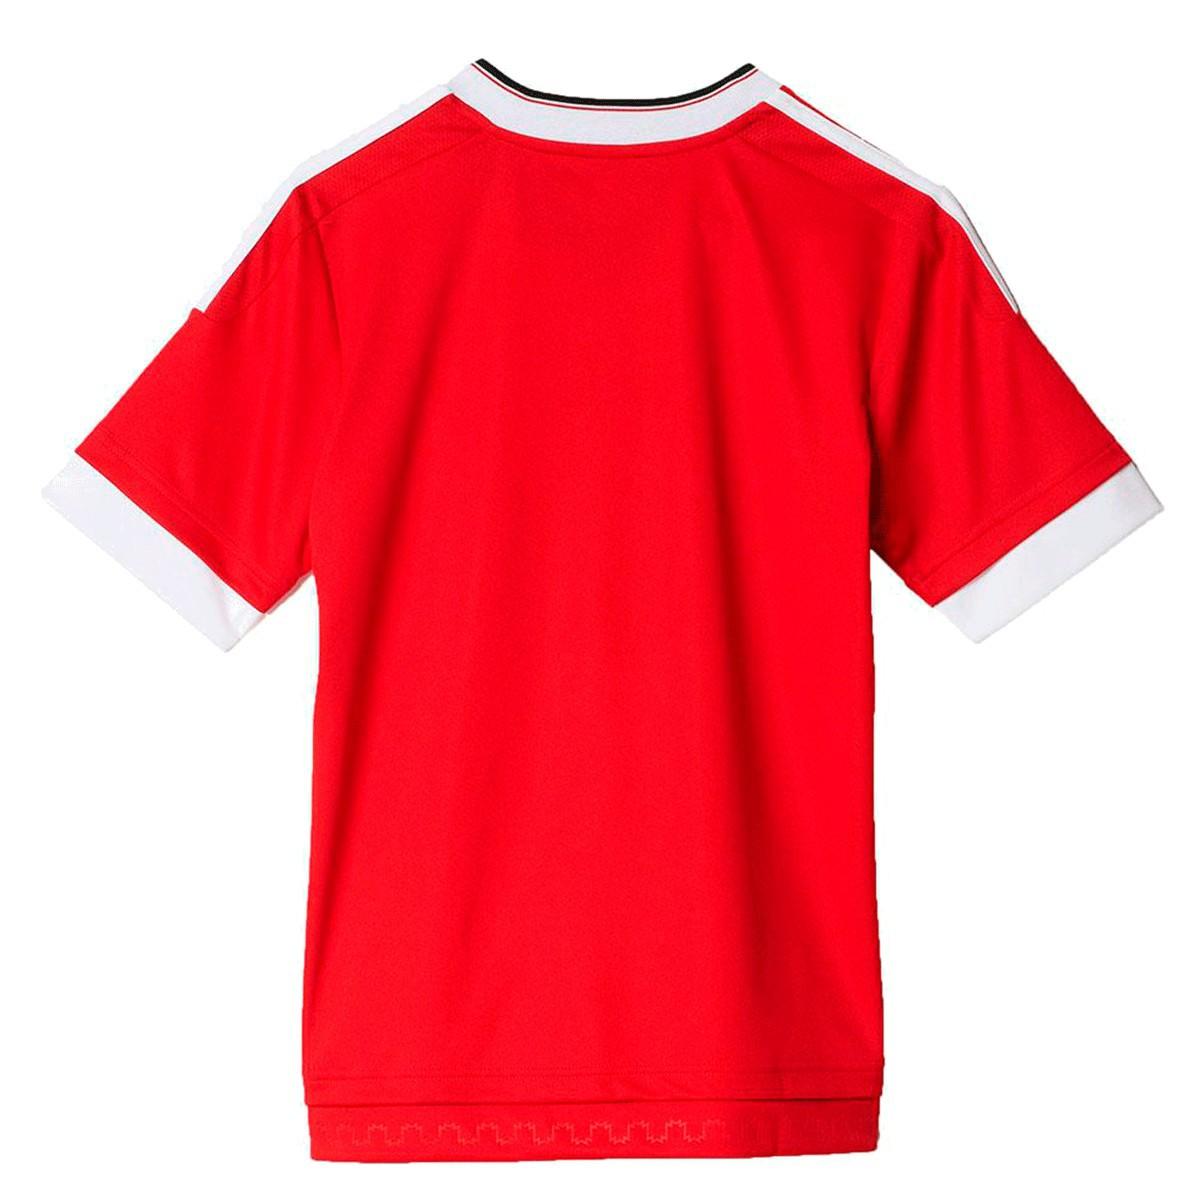 Camisa Manchester United Adidas 2016 2017 - Infantil